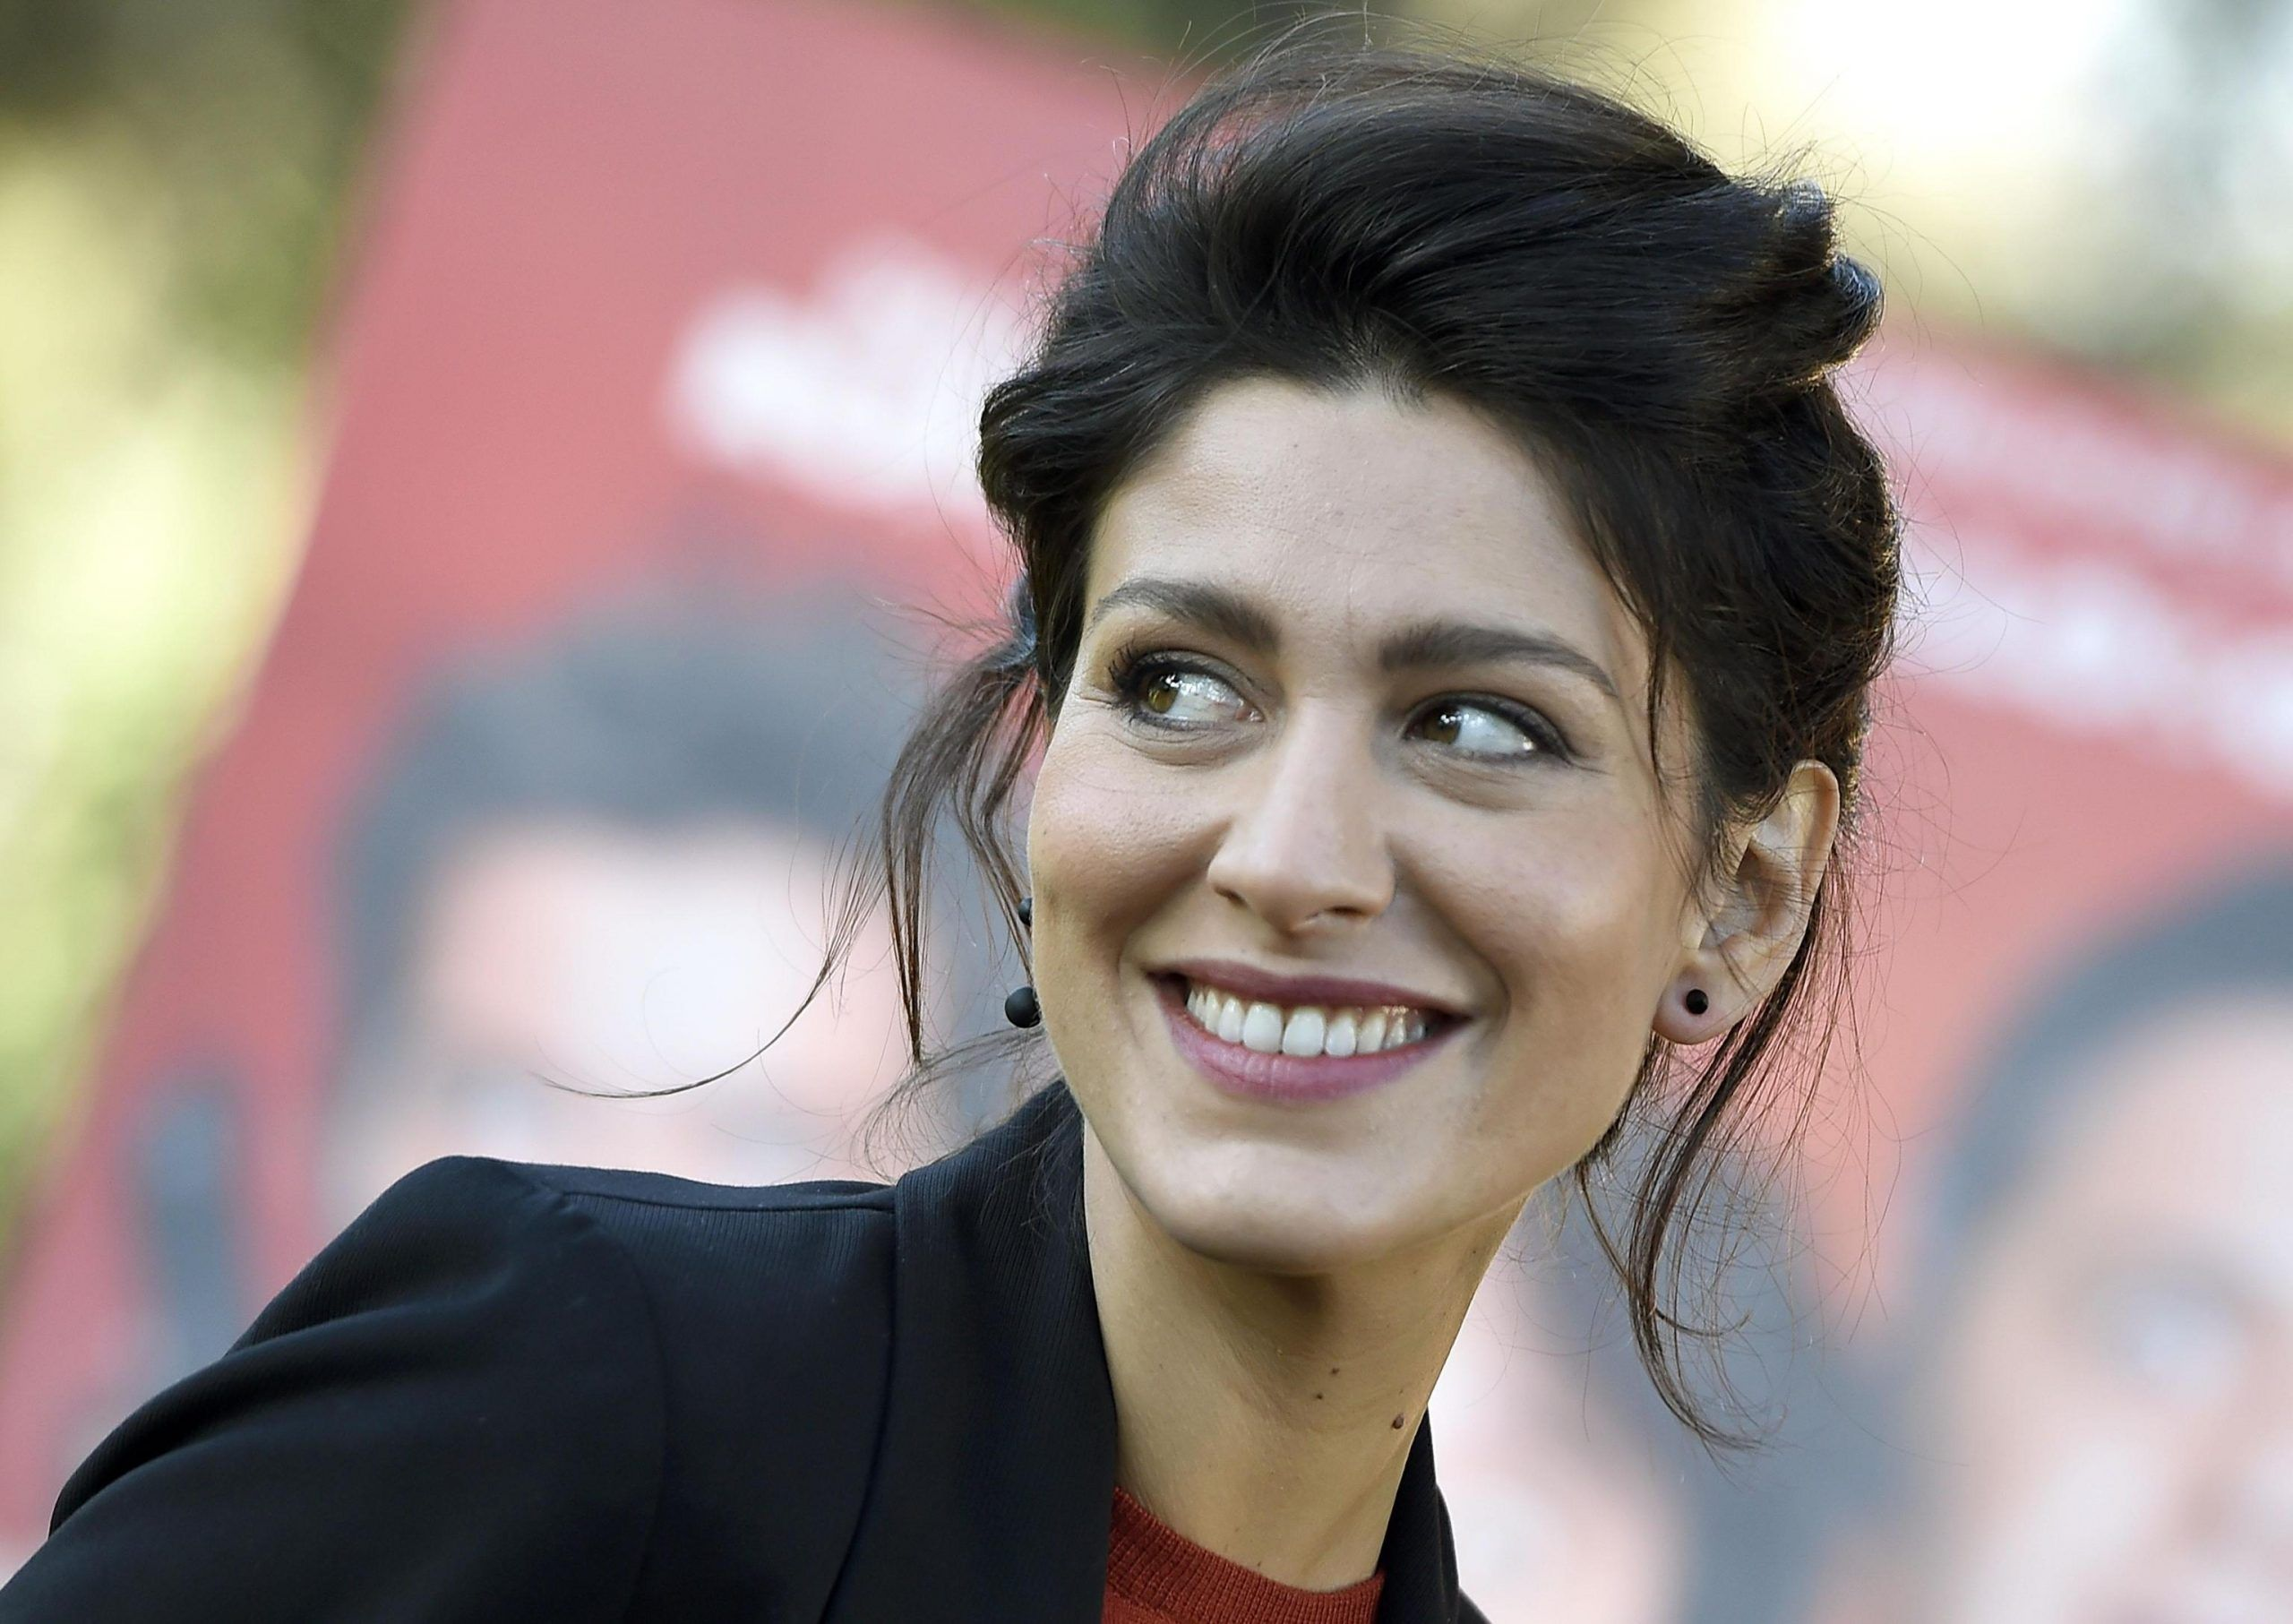 Giulia Bevilacqua mamma per la prima volta a 39 anni